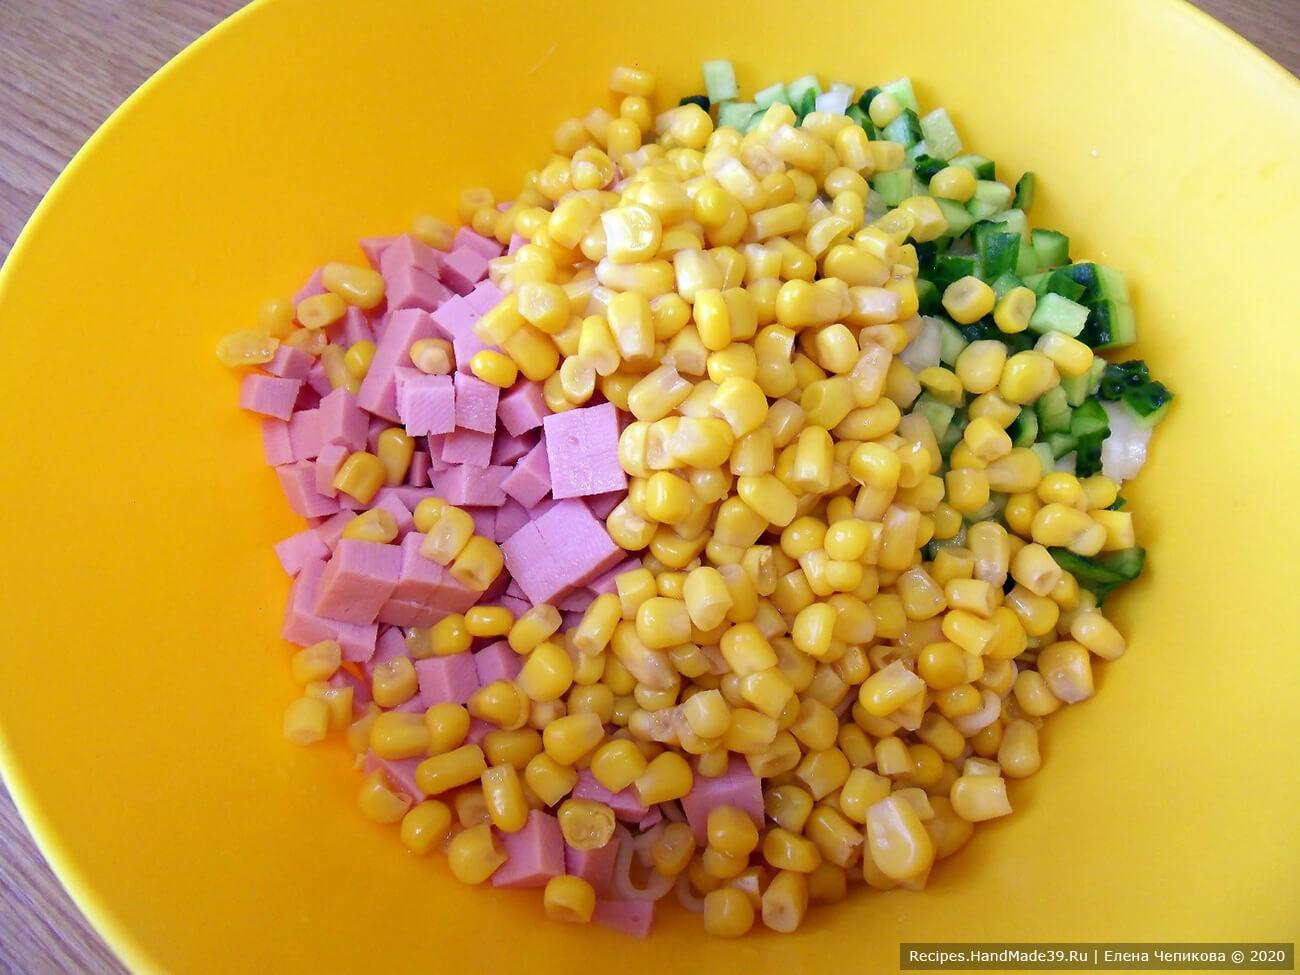 Салат с лапшой быстрого приготовления - фото шаг 8